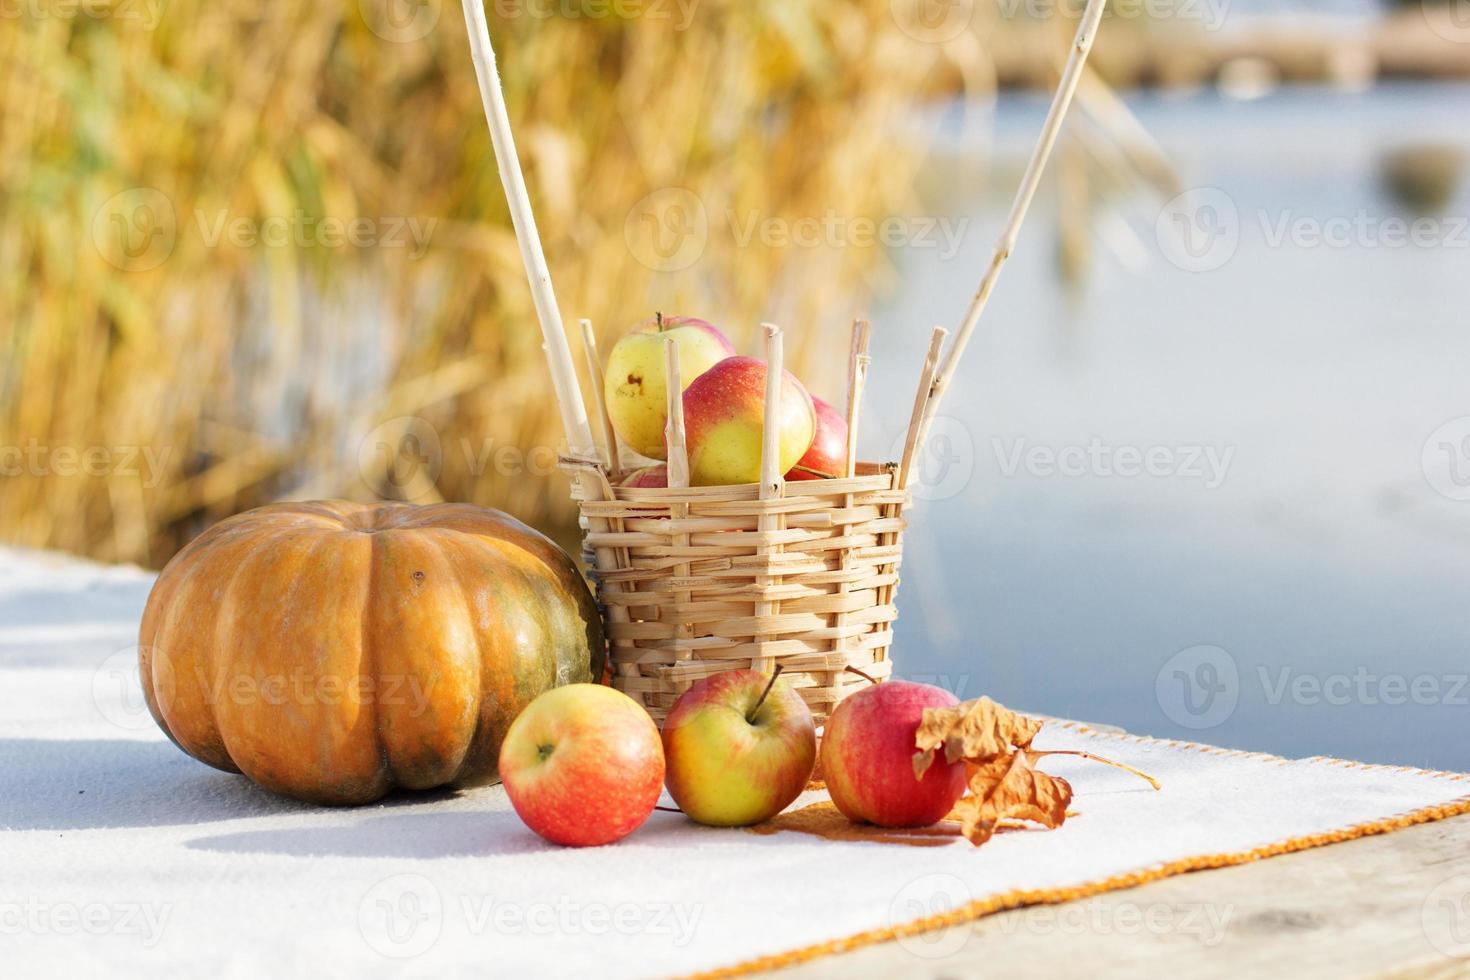 Kürbis und Korb mit Äpfeln auf dem Tisch foto